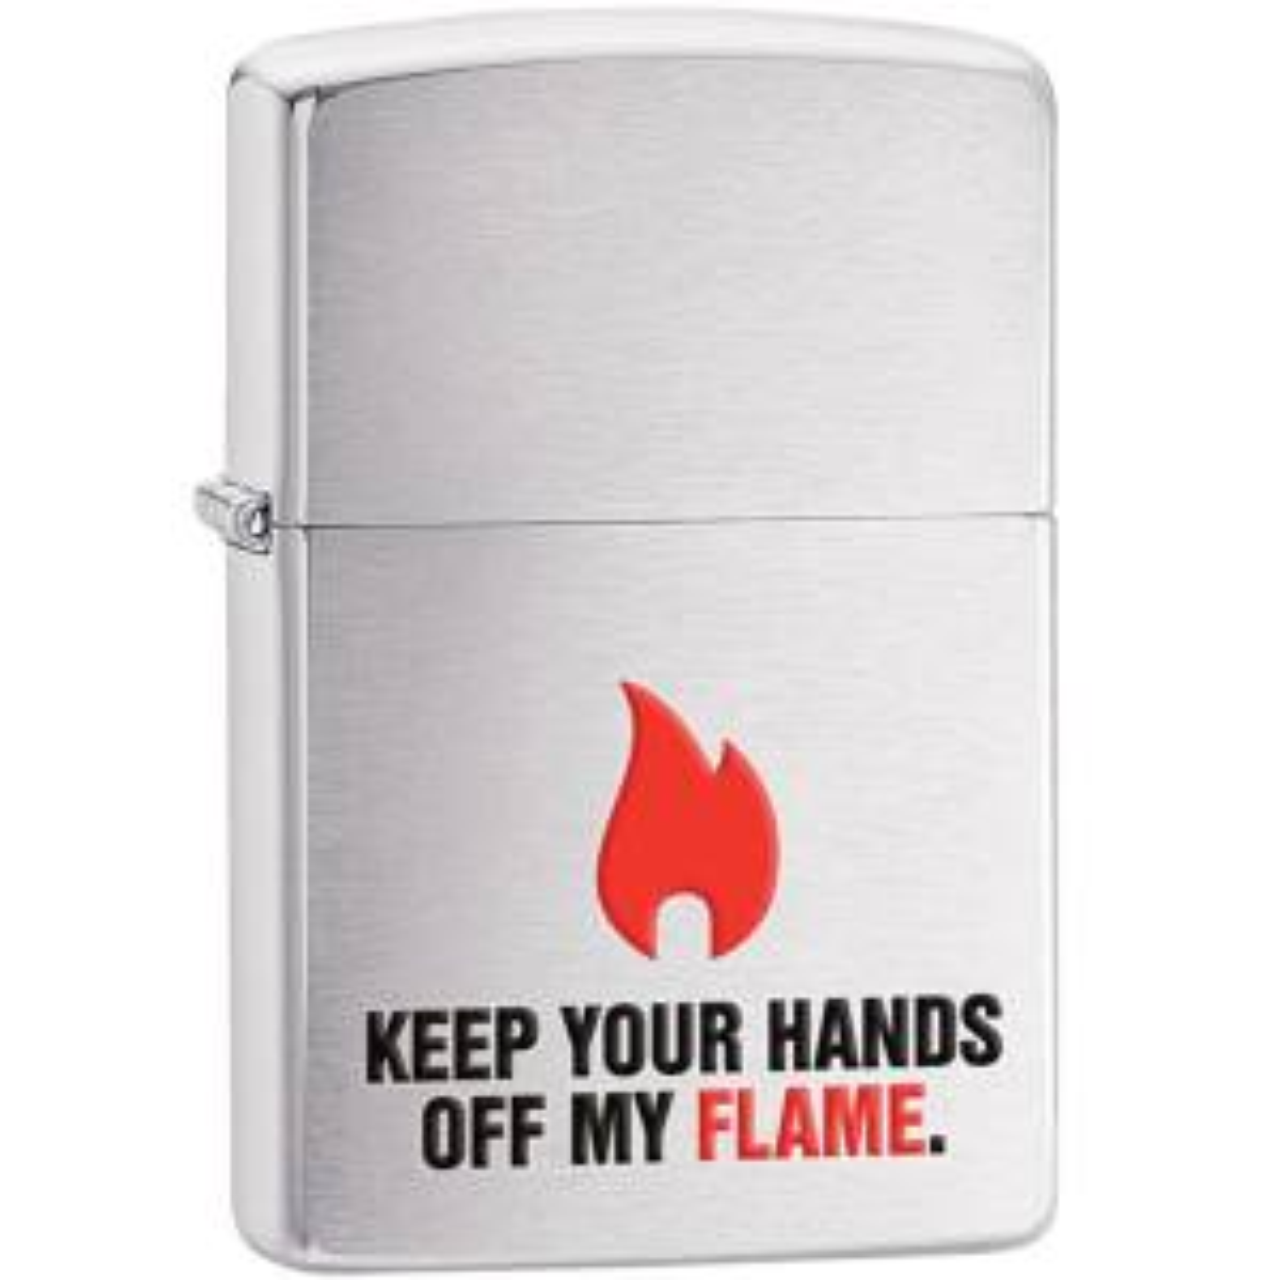 فندک زیپو مدل Keep Your Hands Off کد 28649